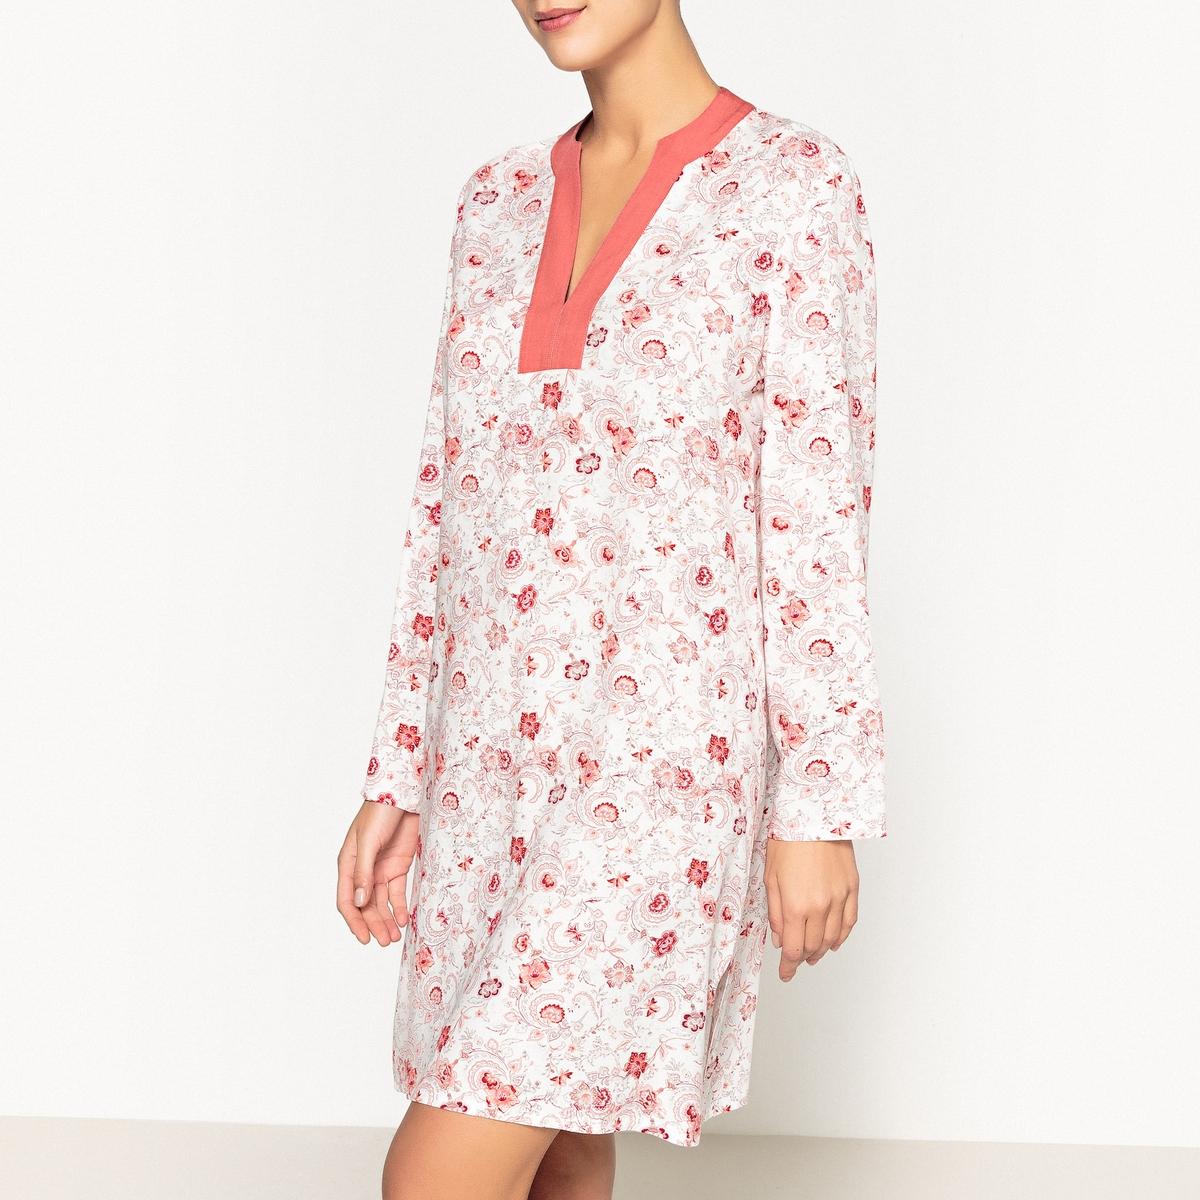 Сорочка ночная с принтом ночная сорочка длинная без рукавов